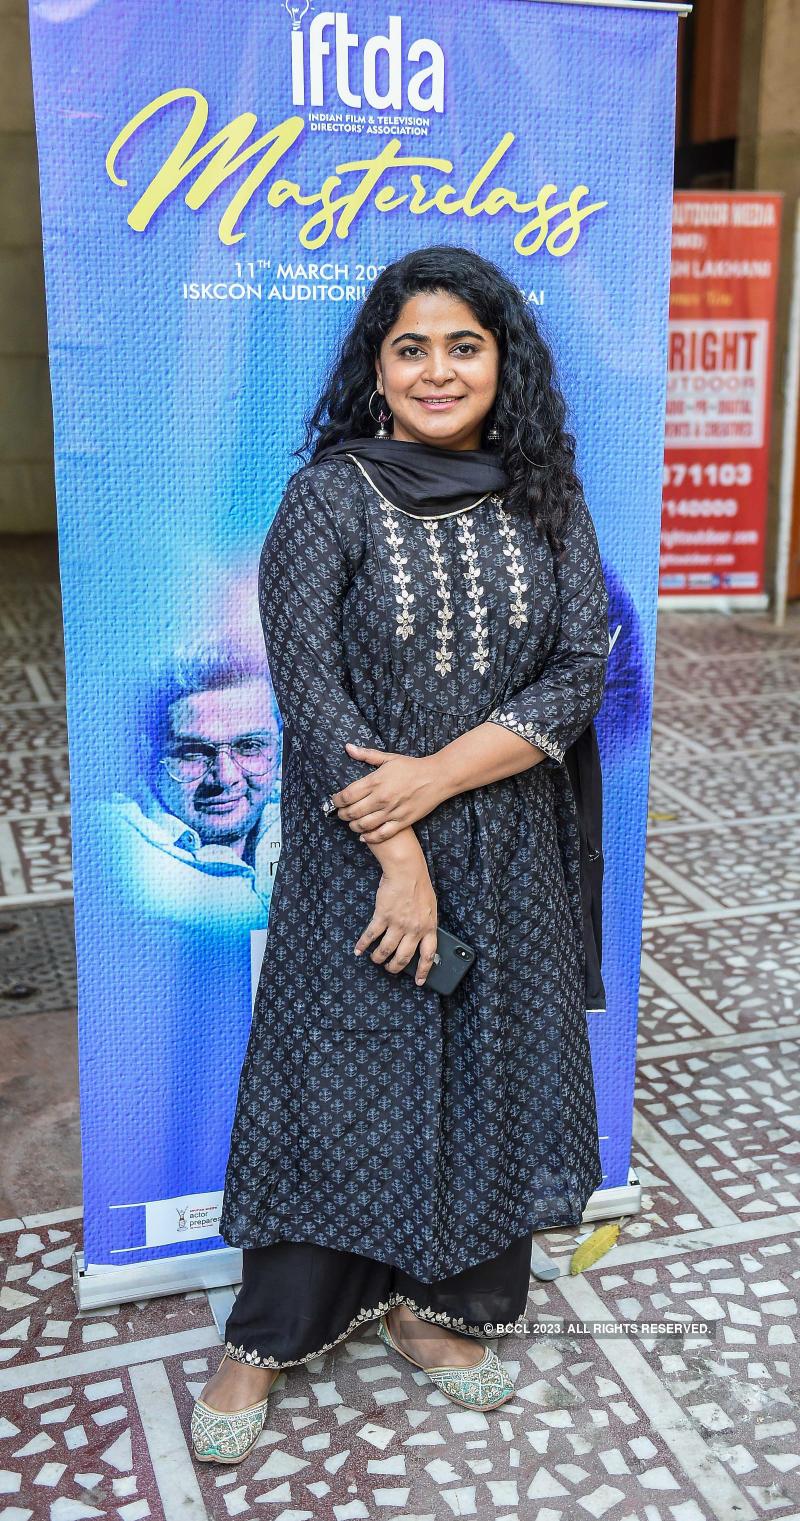 IFTDA Masterclass with Mukesh Chabbra & Ashwini Iyer Tiwari